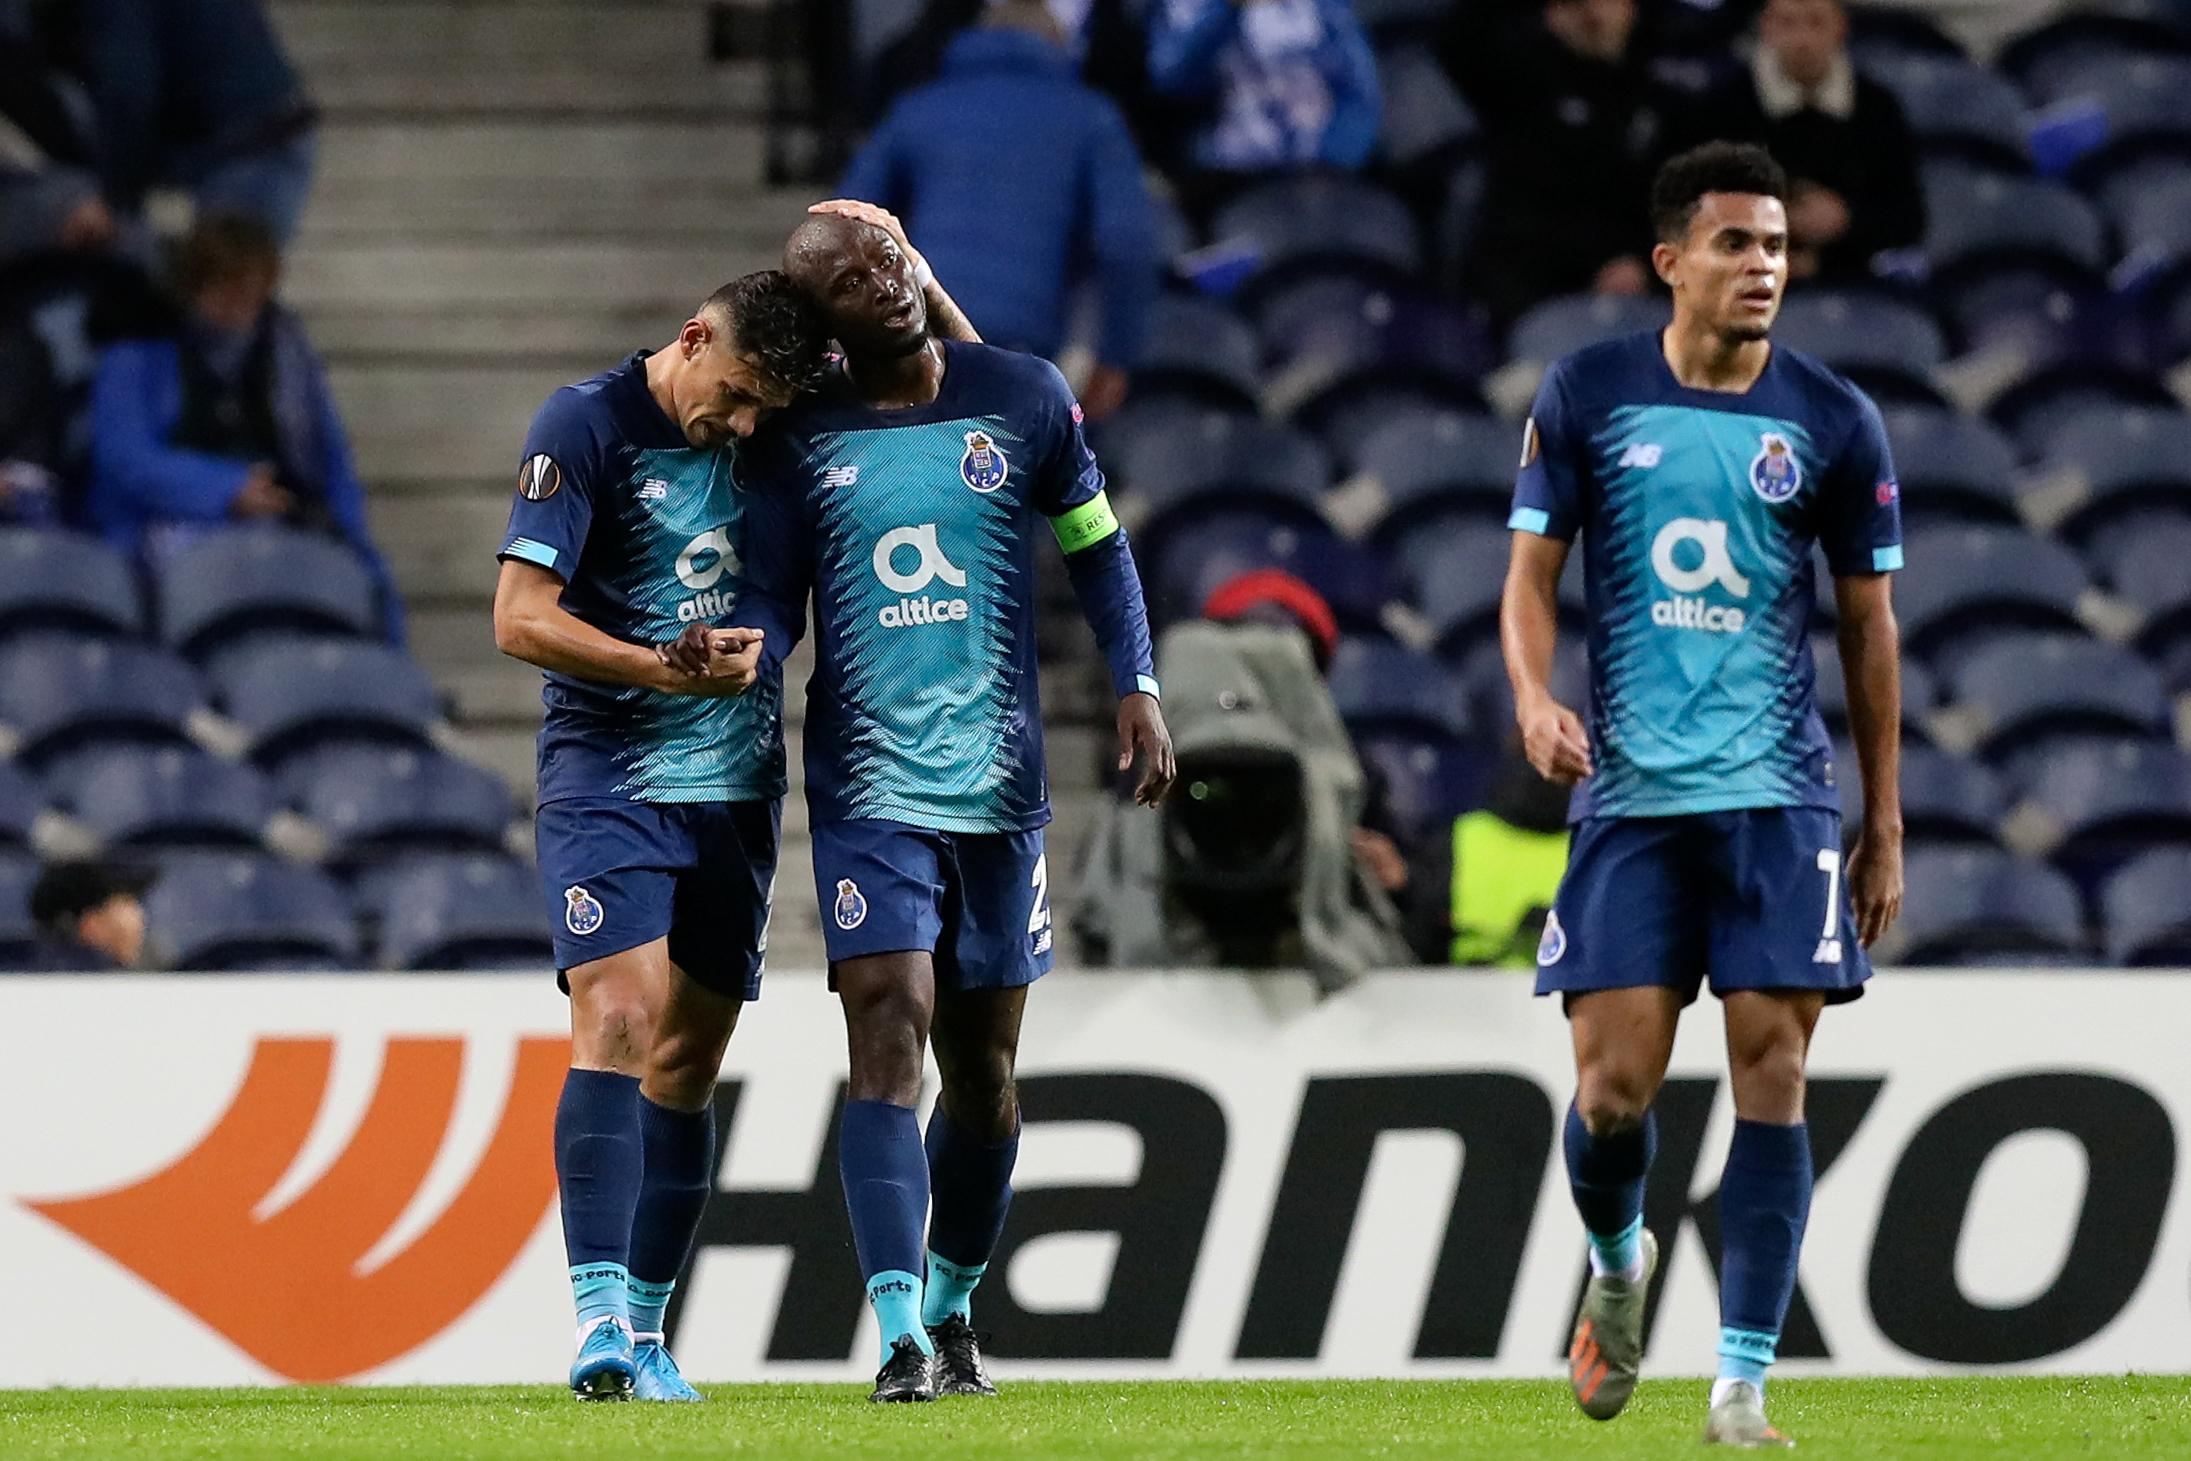 Vídeo: Vencer a Liga Europa está nos planos de Sérgio Conceição